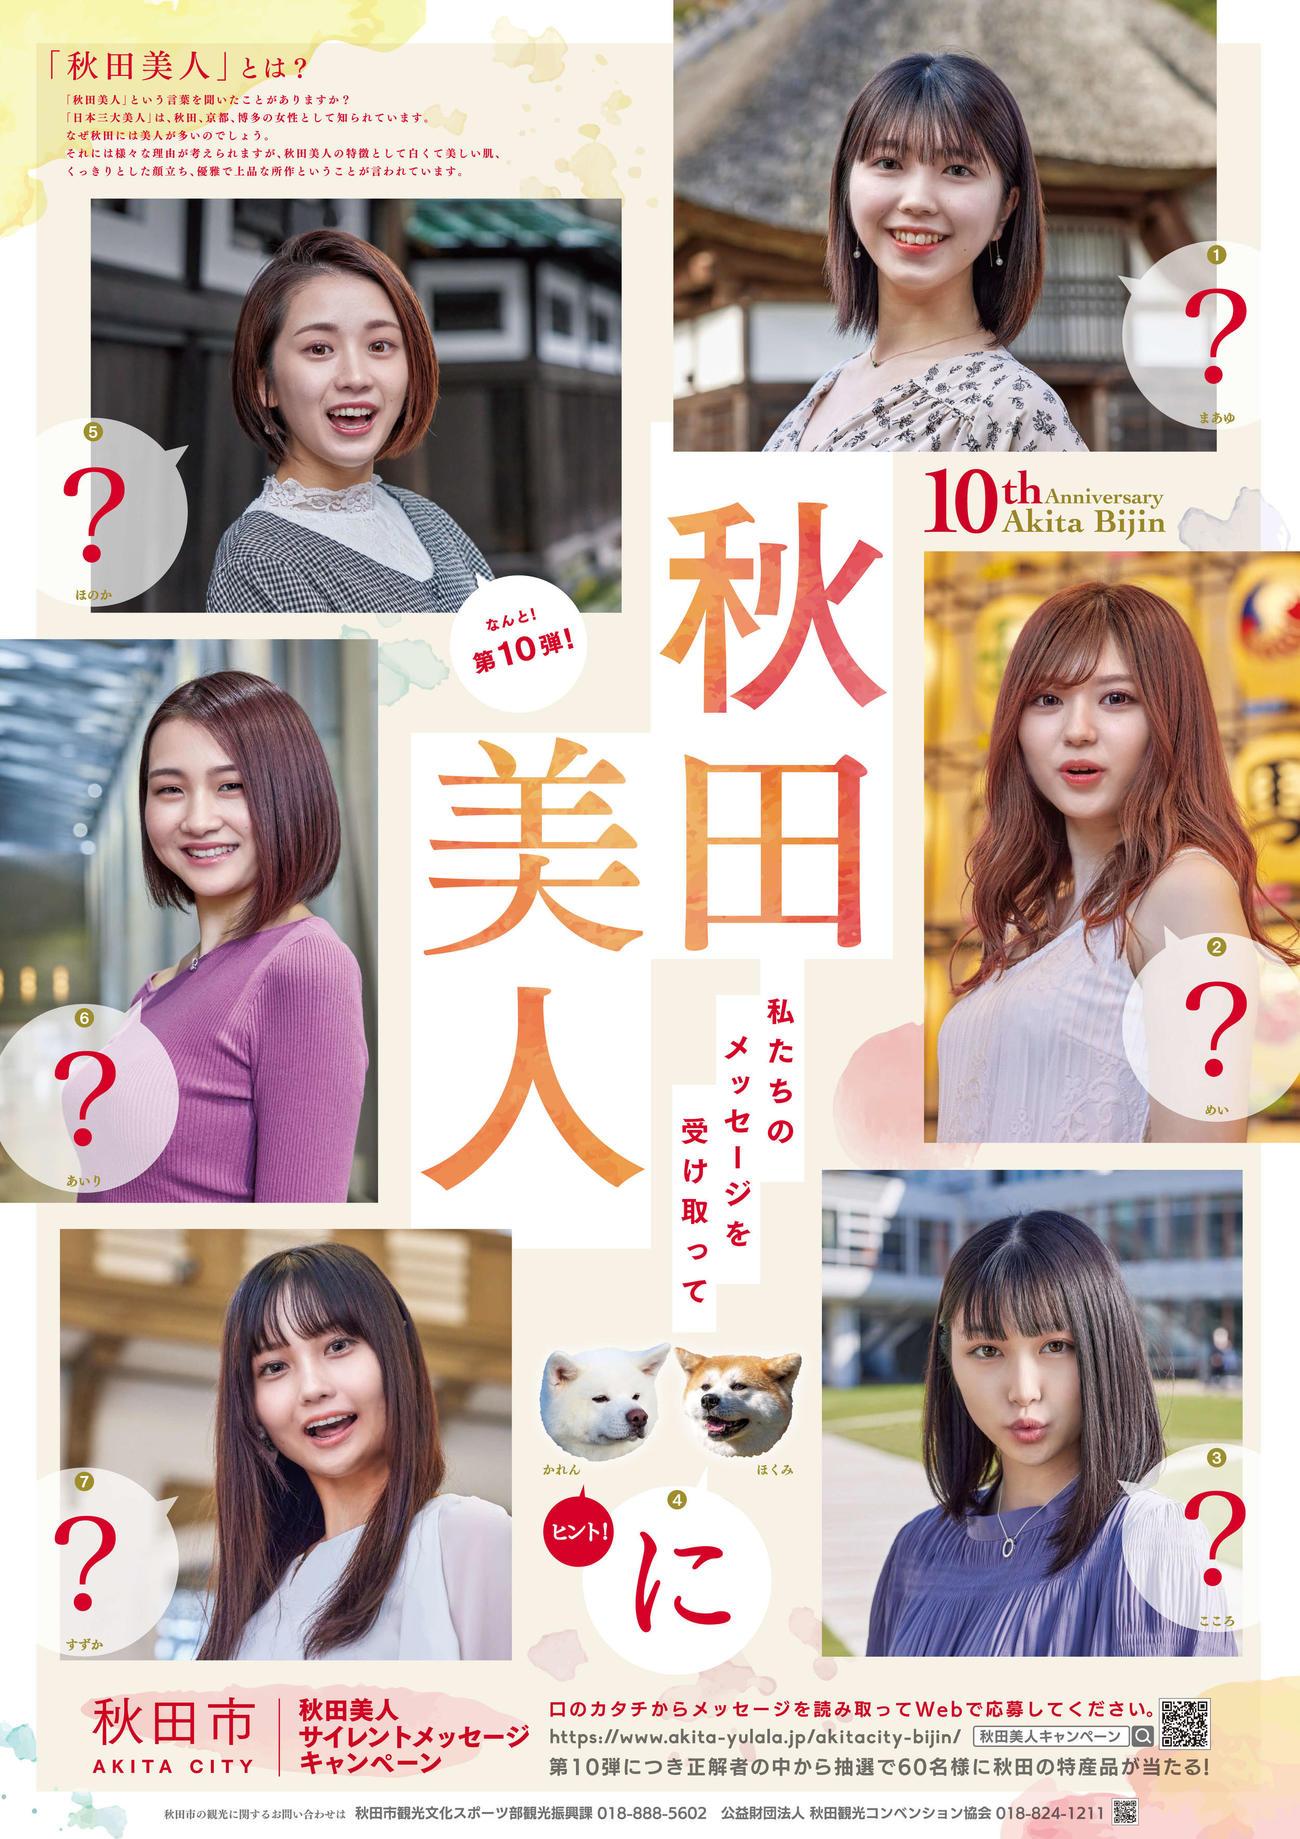 第10弾を迎えた「秋田美人キャンペーン」の2020年ポスター